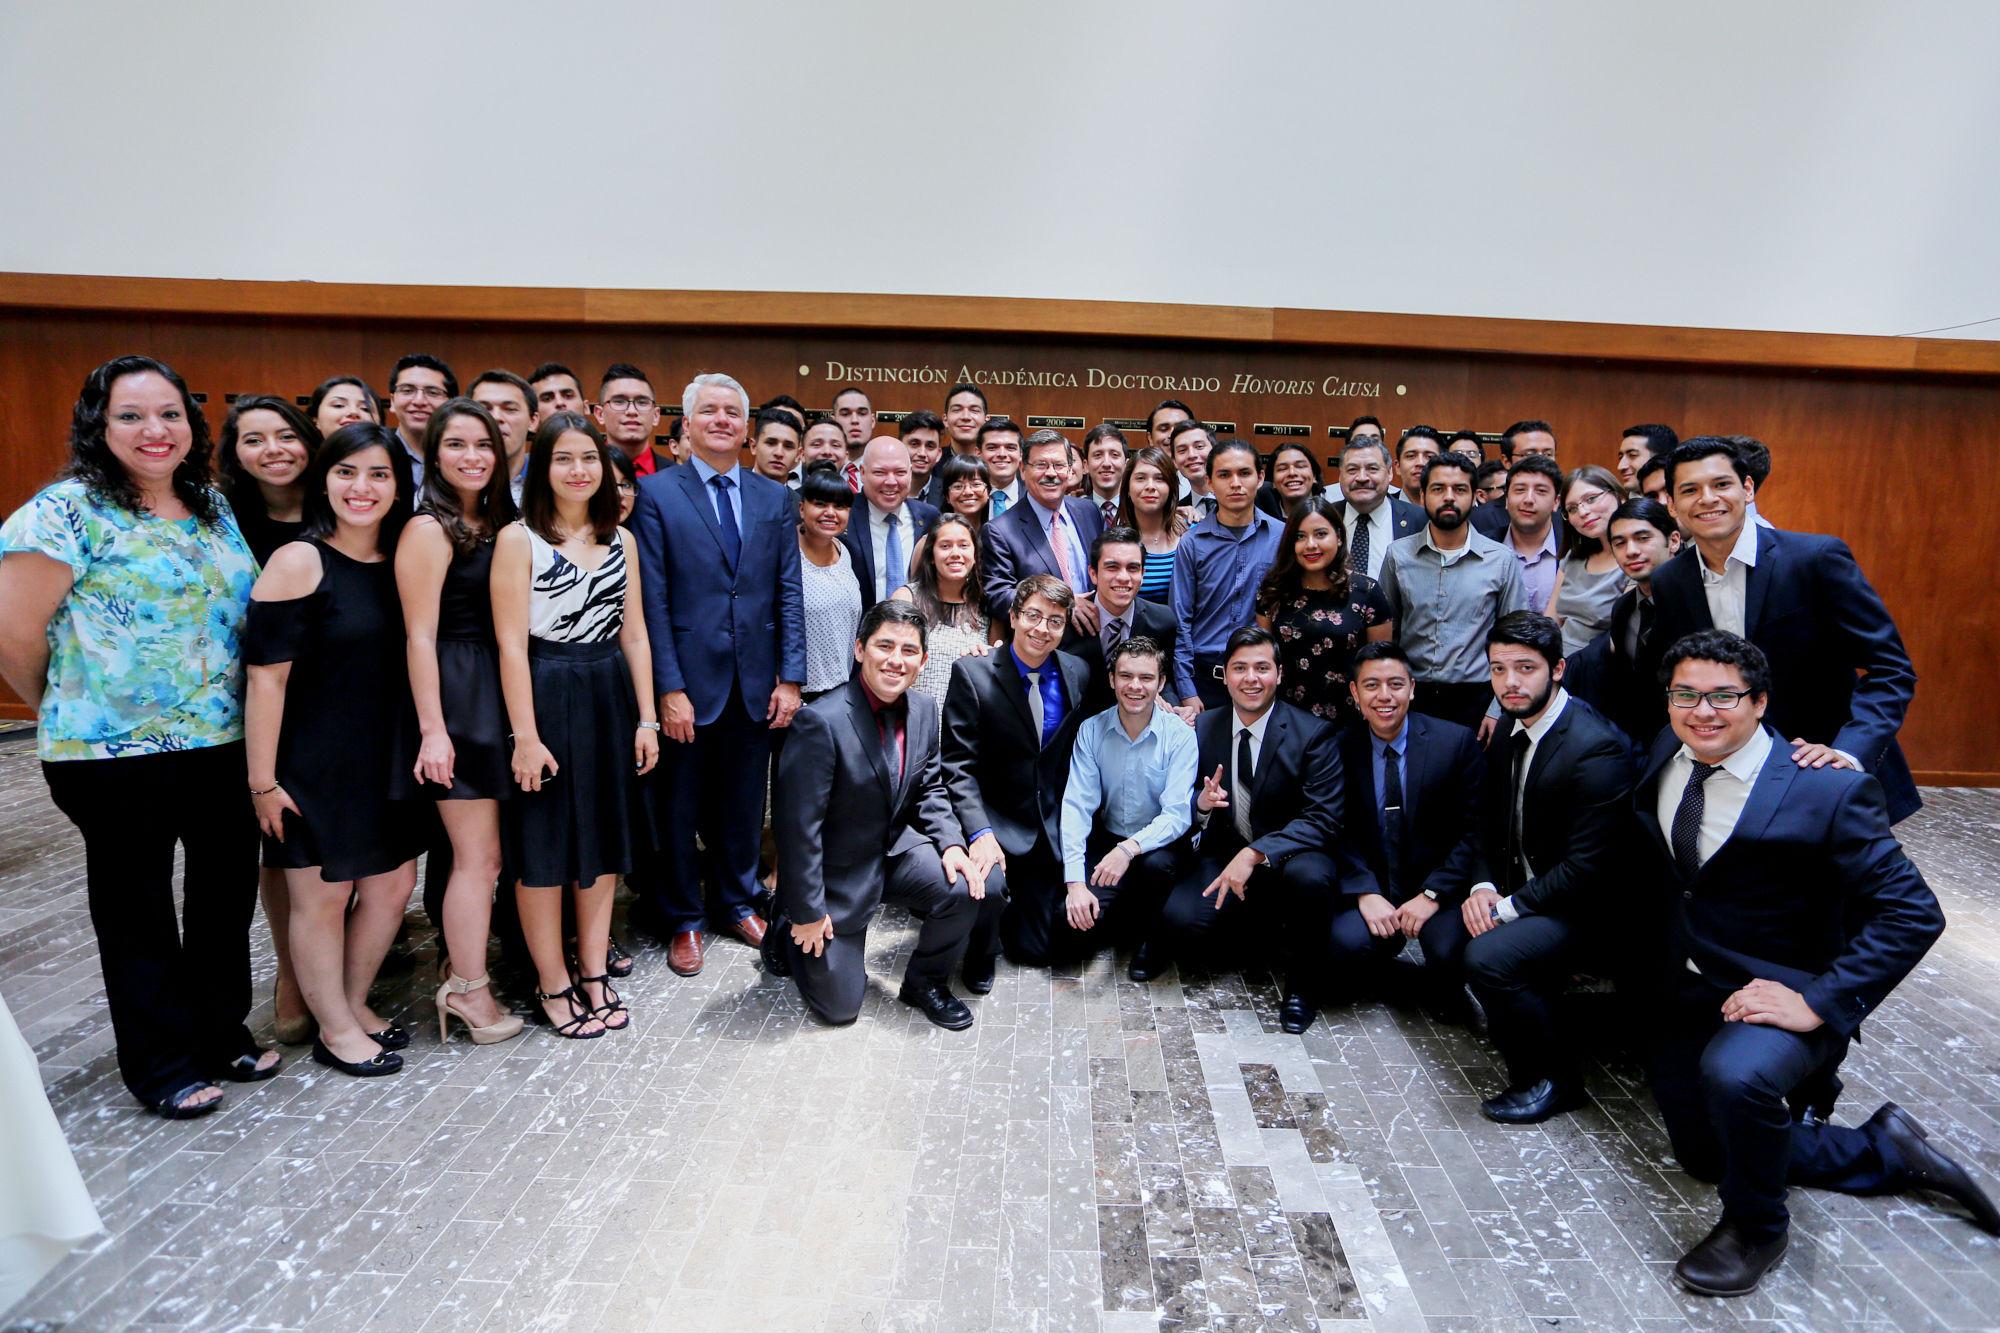 Estudiantes de la Facultad de Ingeniería Mecánica y Eléctrica